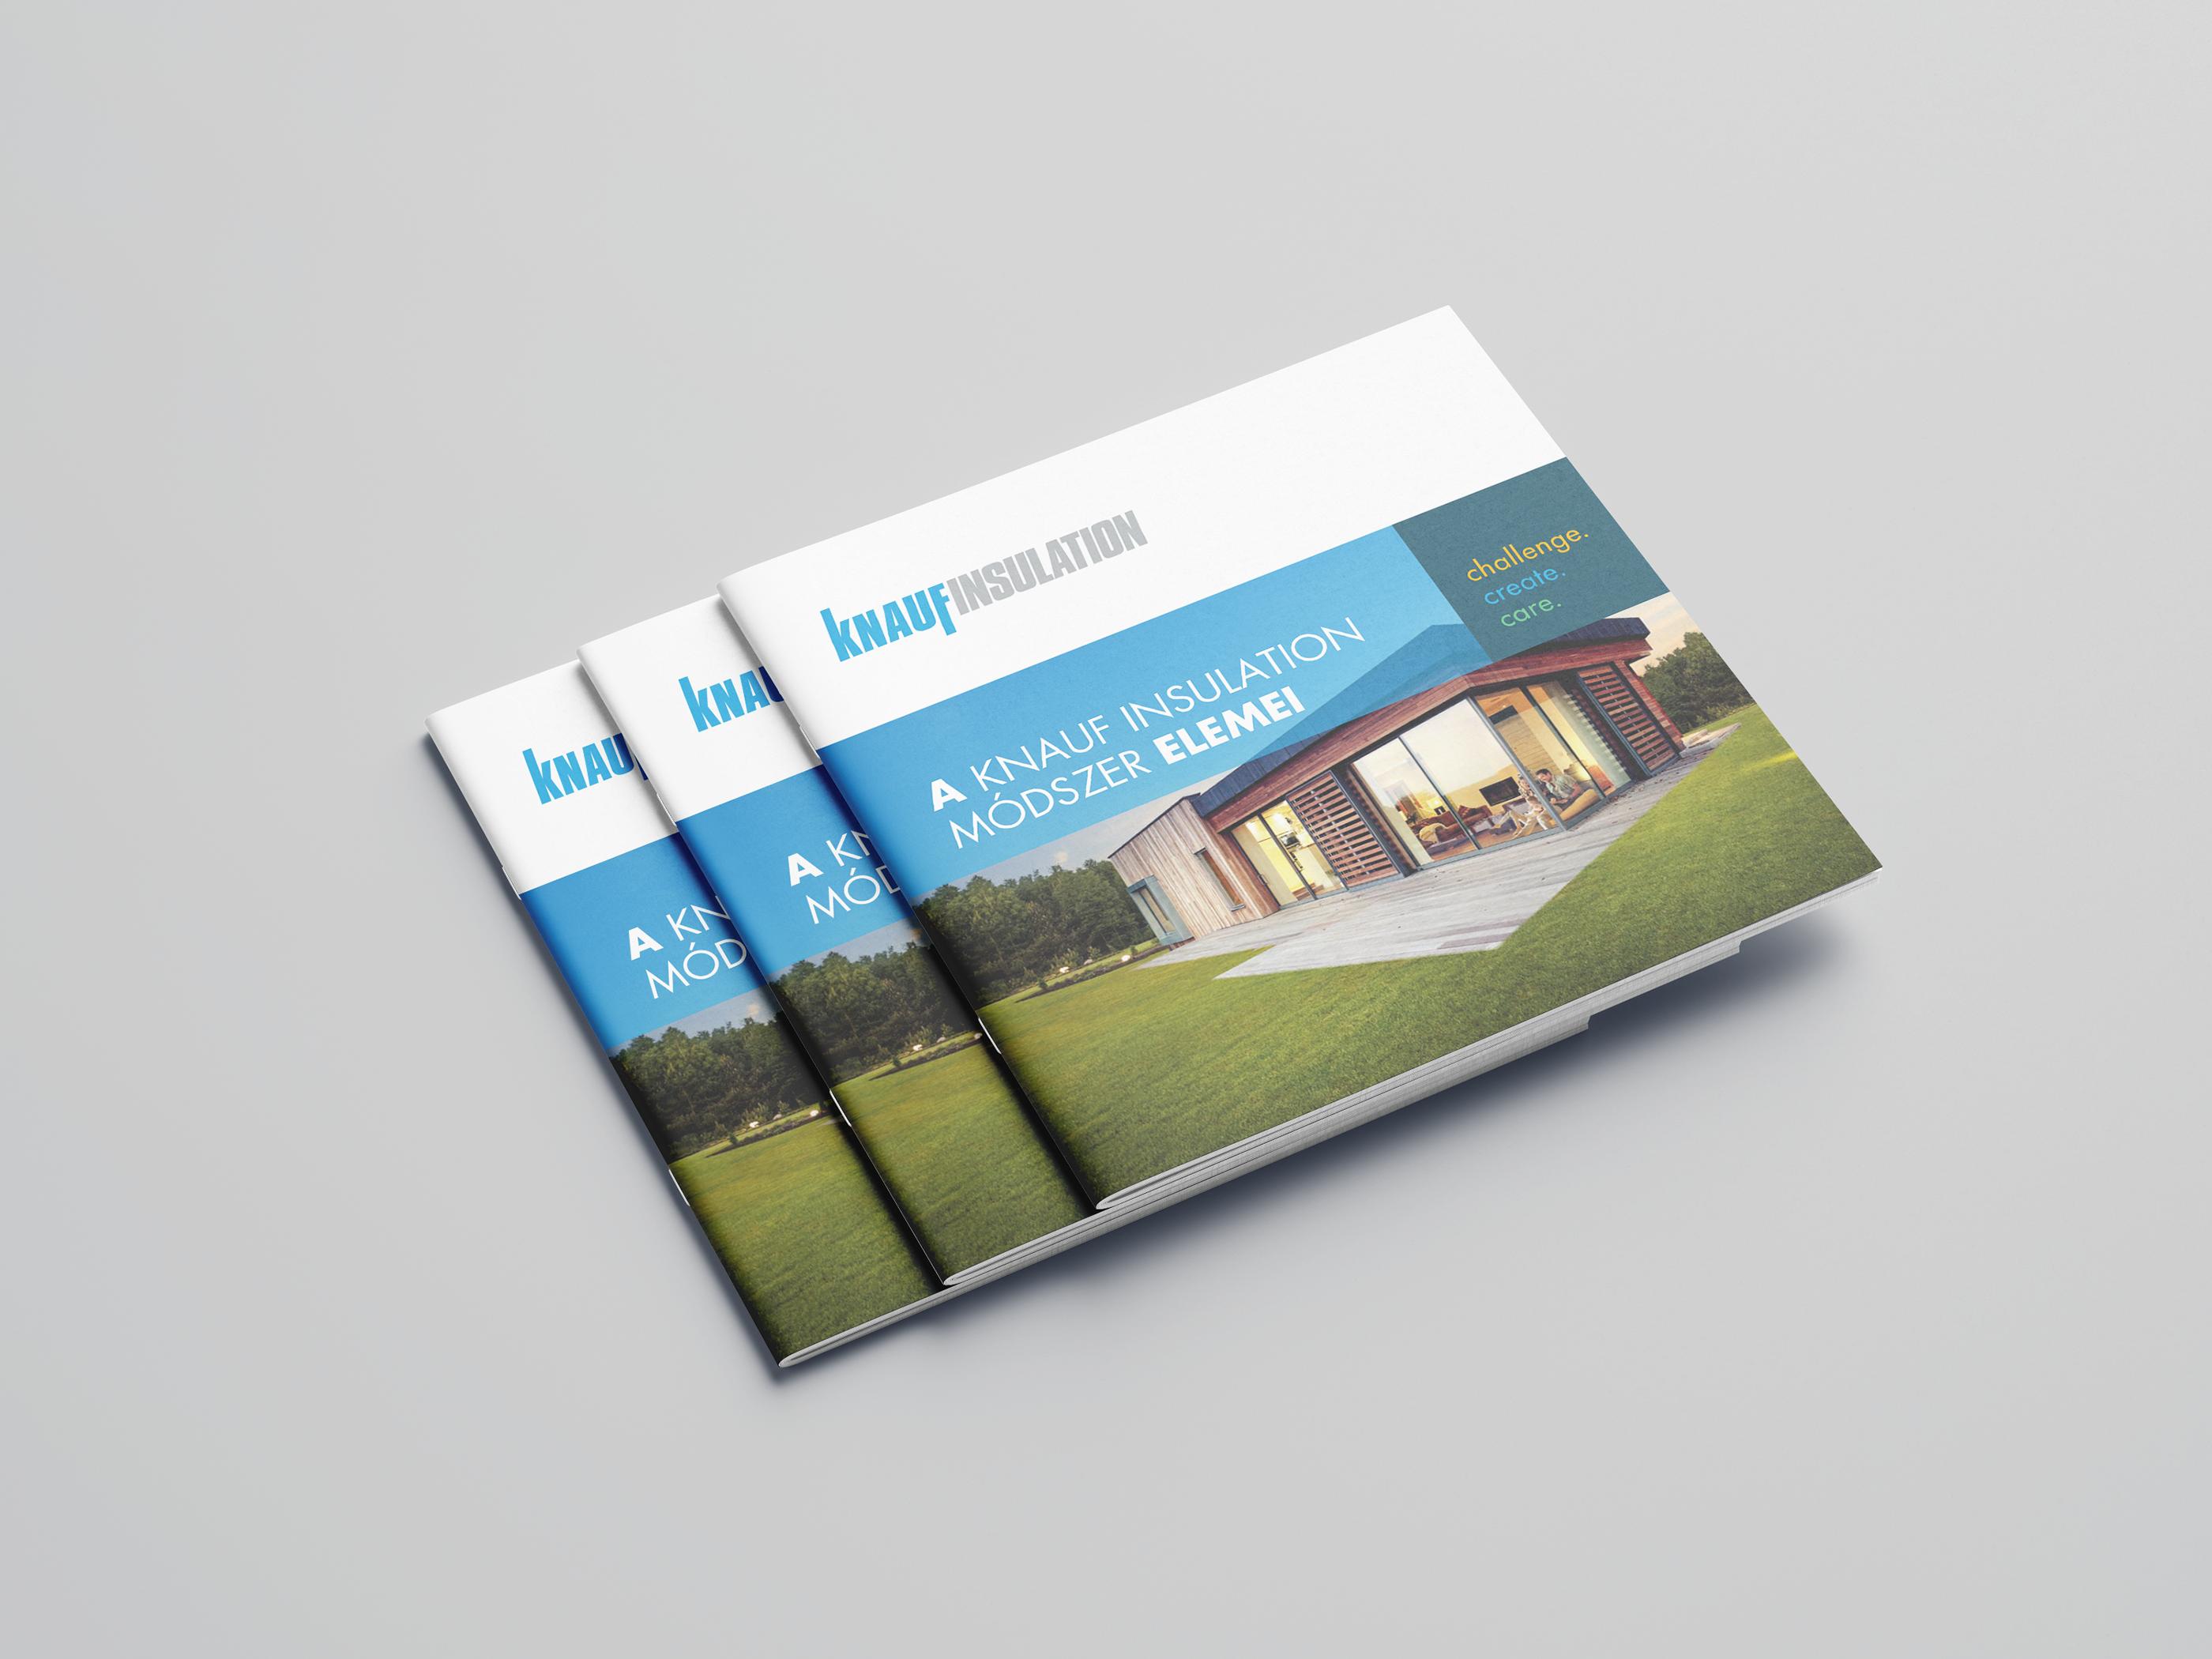 Knauf Insulation Brand design elements on Behance